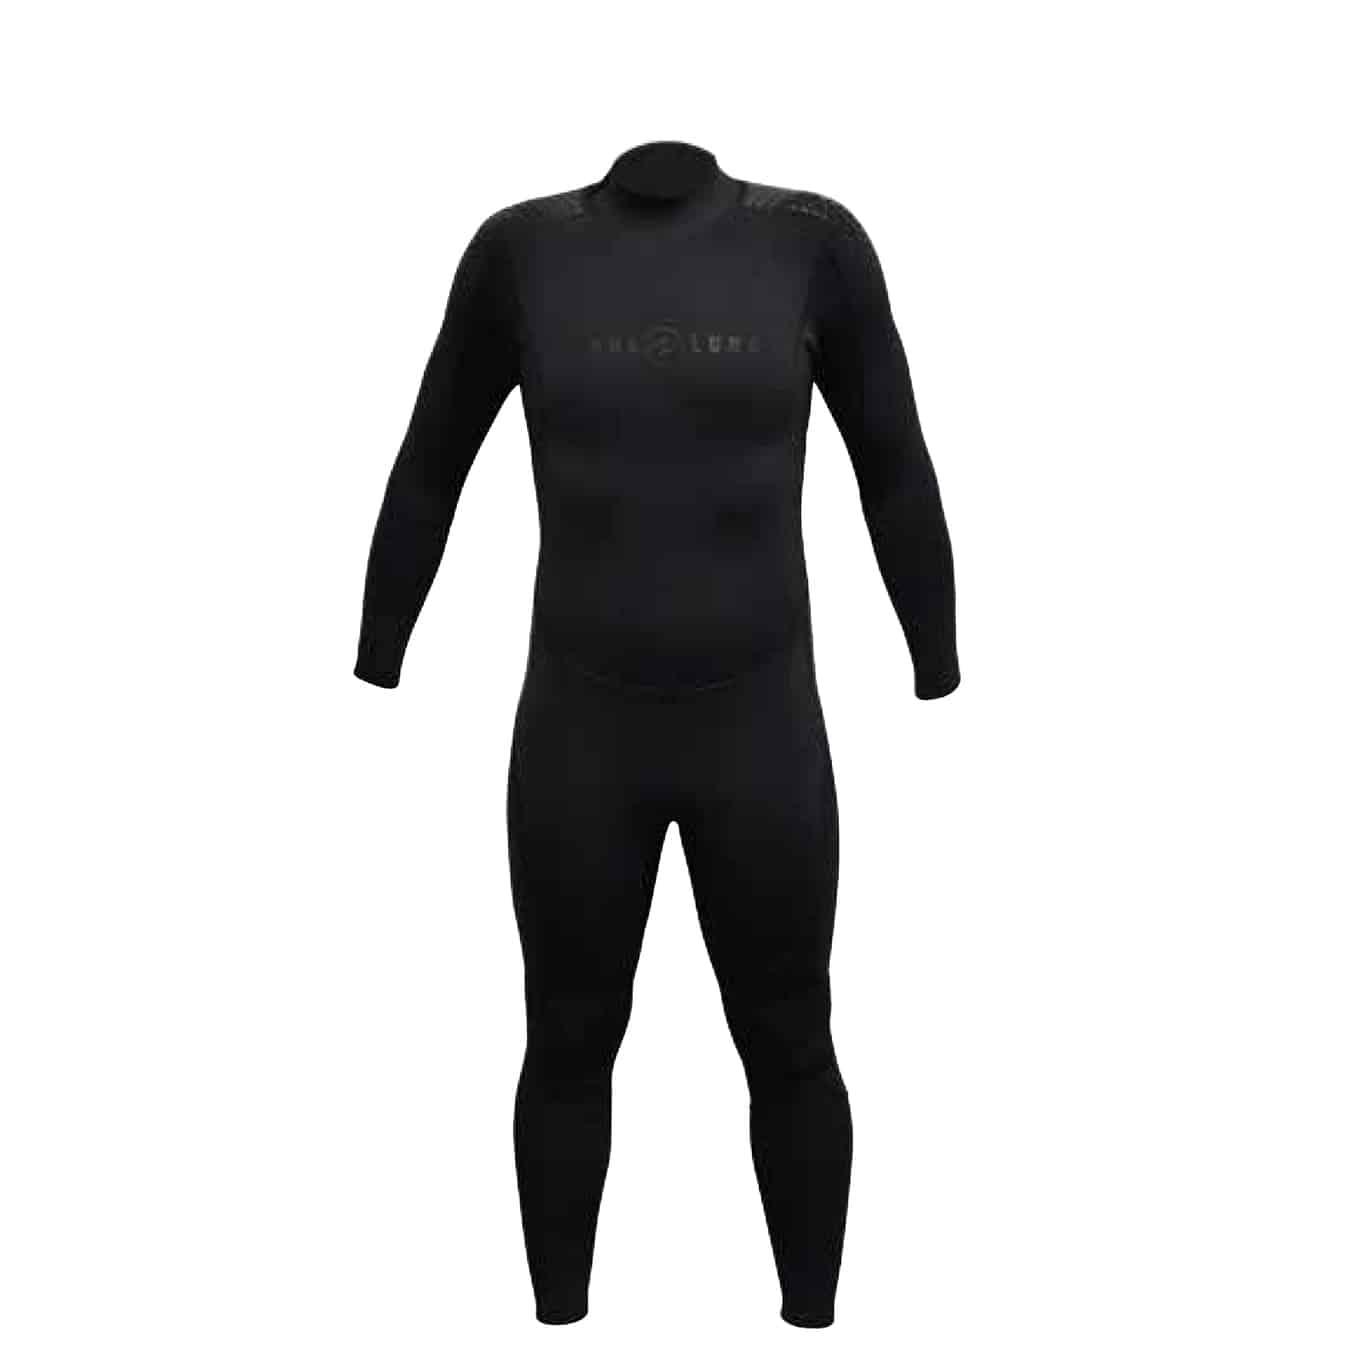 AquaFlex Back Zip Jump Suits